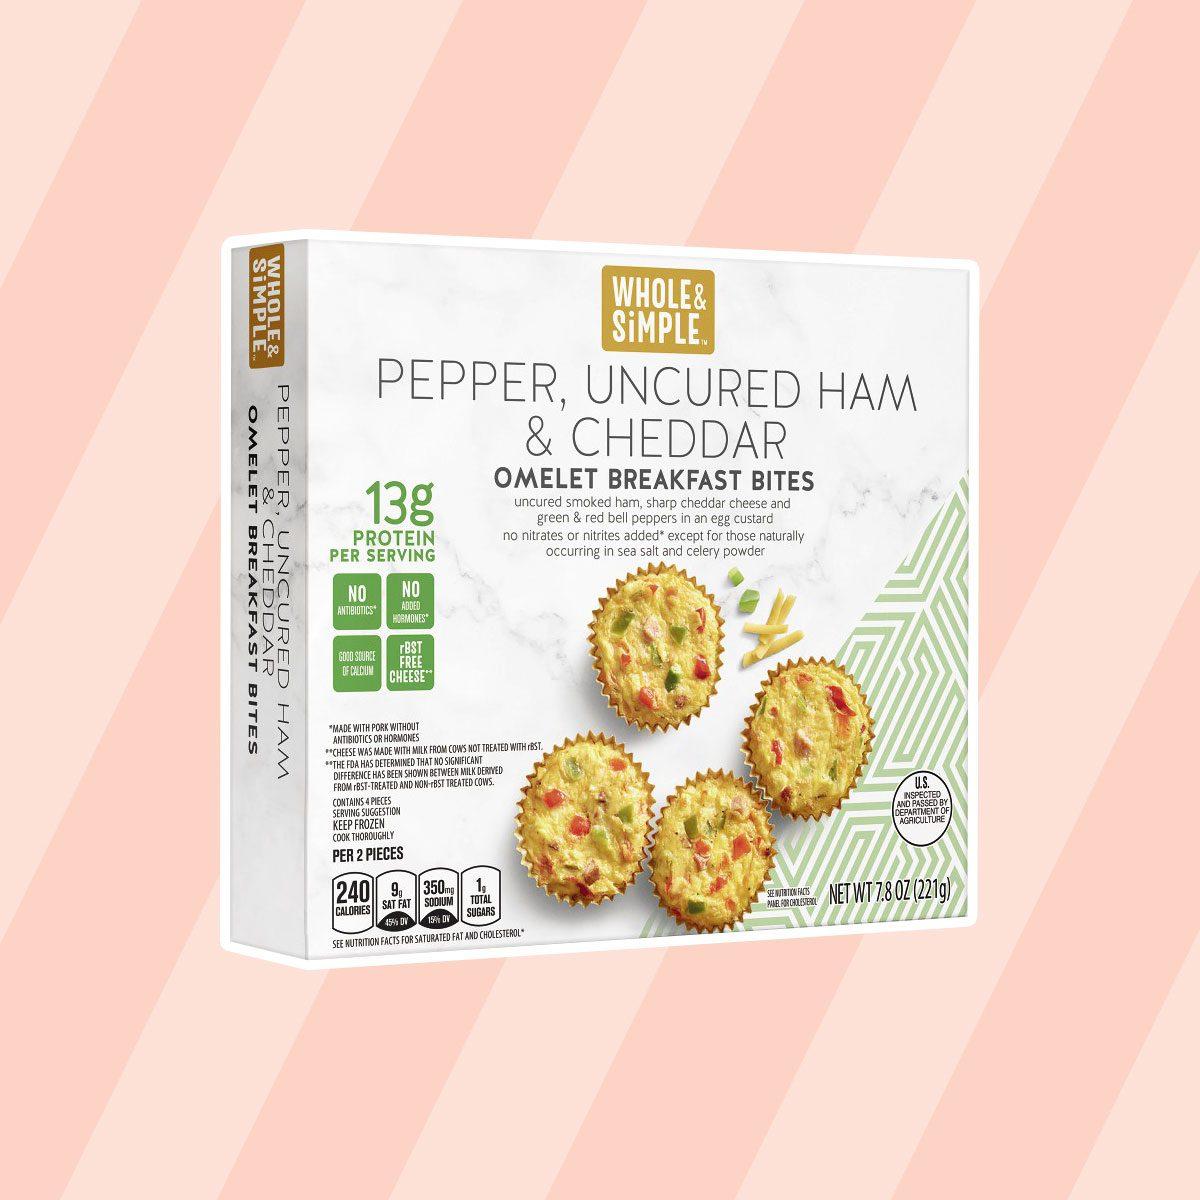 Pepper, Uncured Ham and Cheddar Omelet Breakfast Bites aldi finds